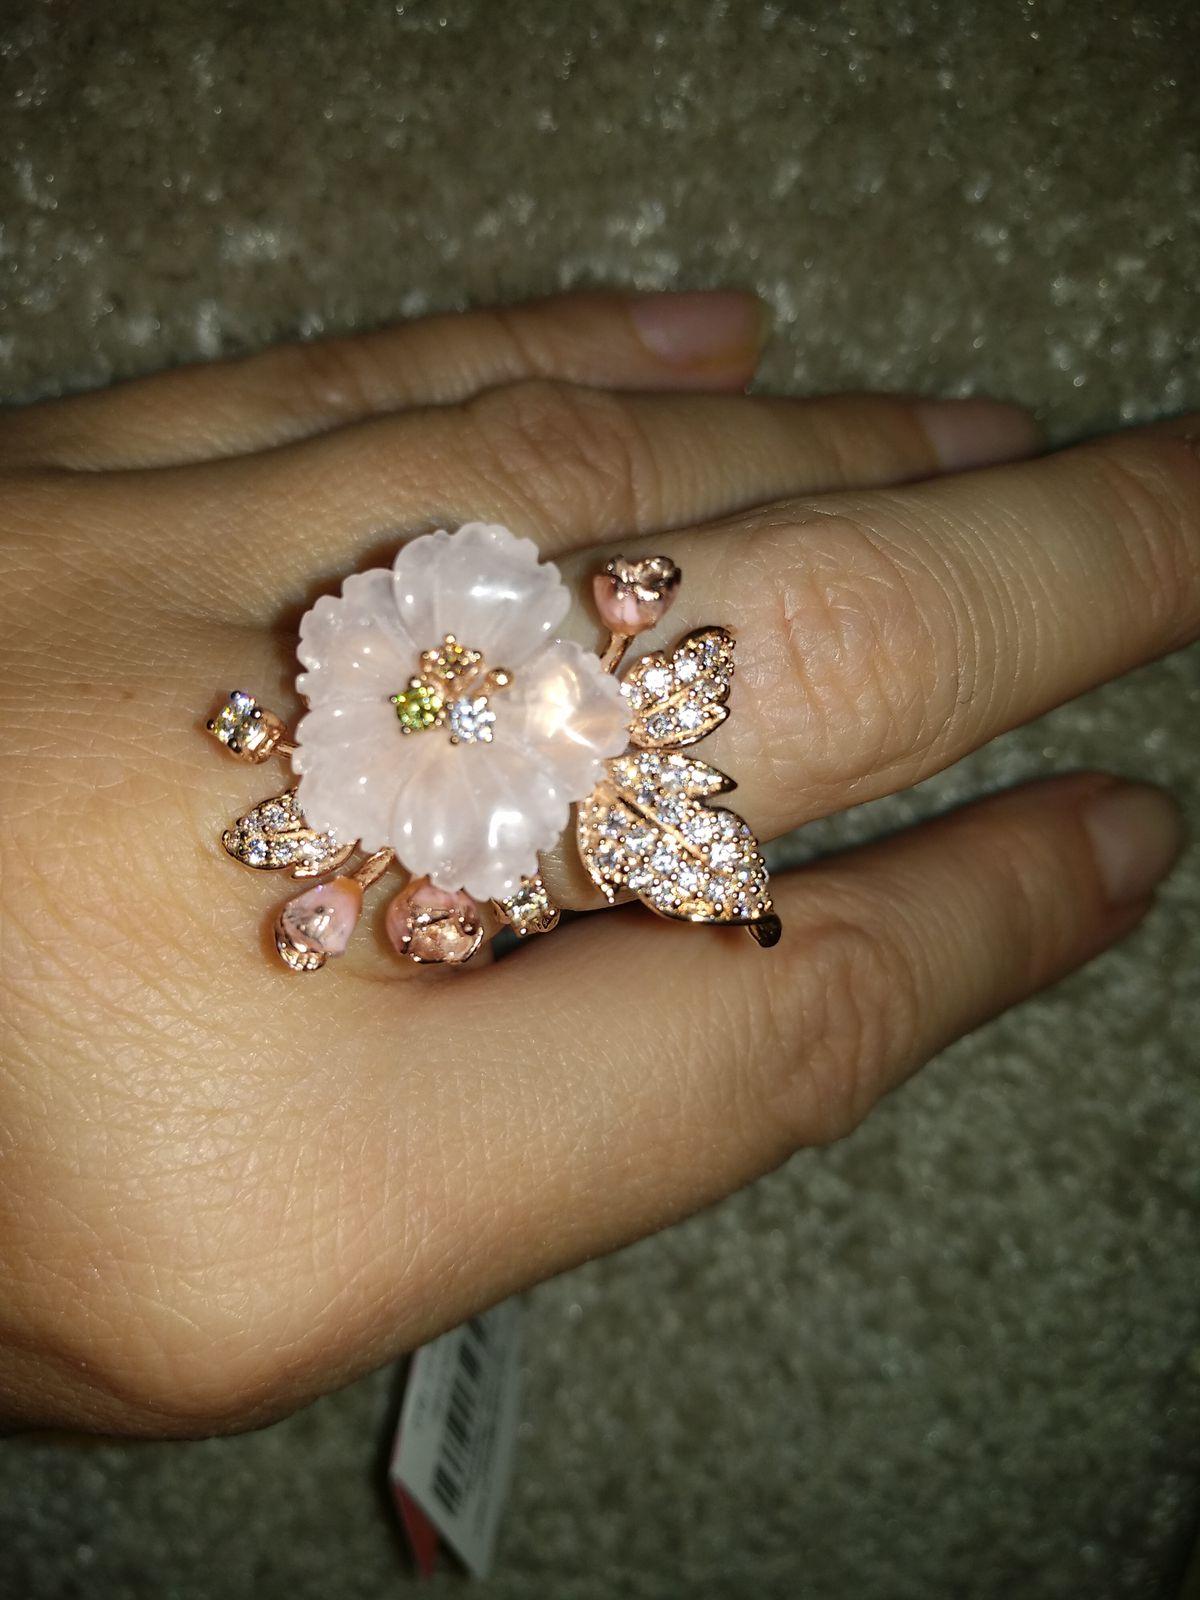 Кольцо с кварцем,фианитами и эмалью. Очень женственное и изысканное. Круто